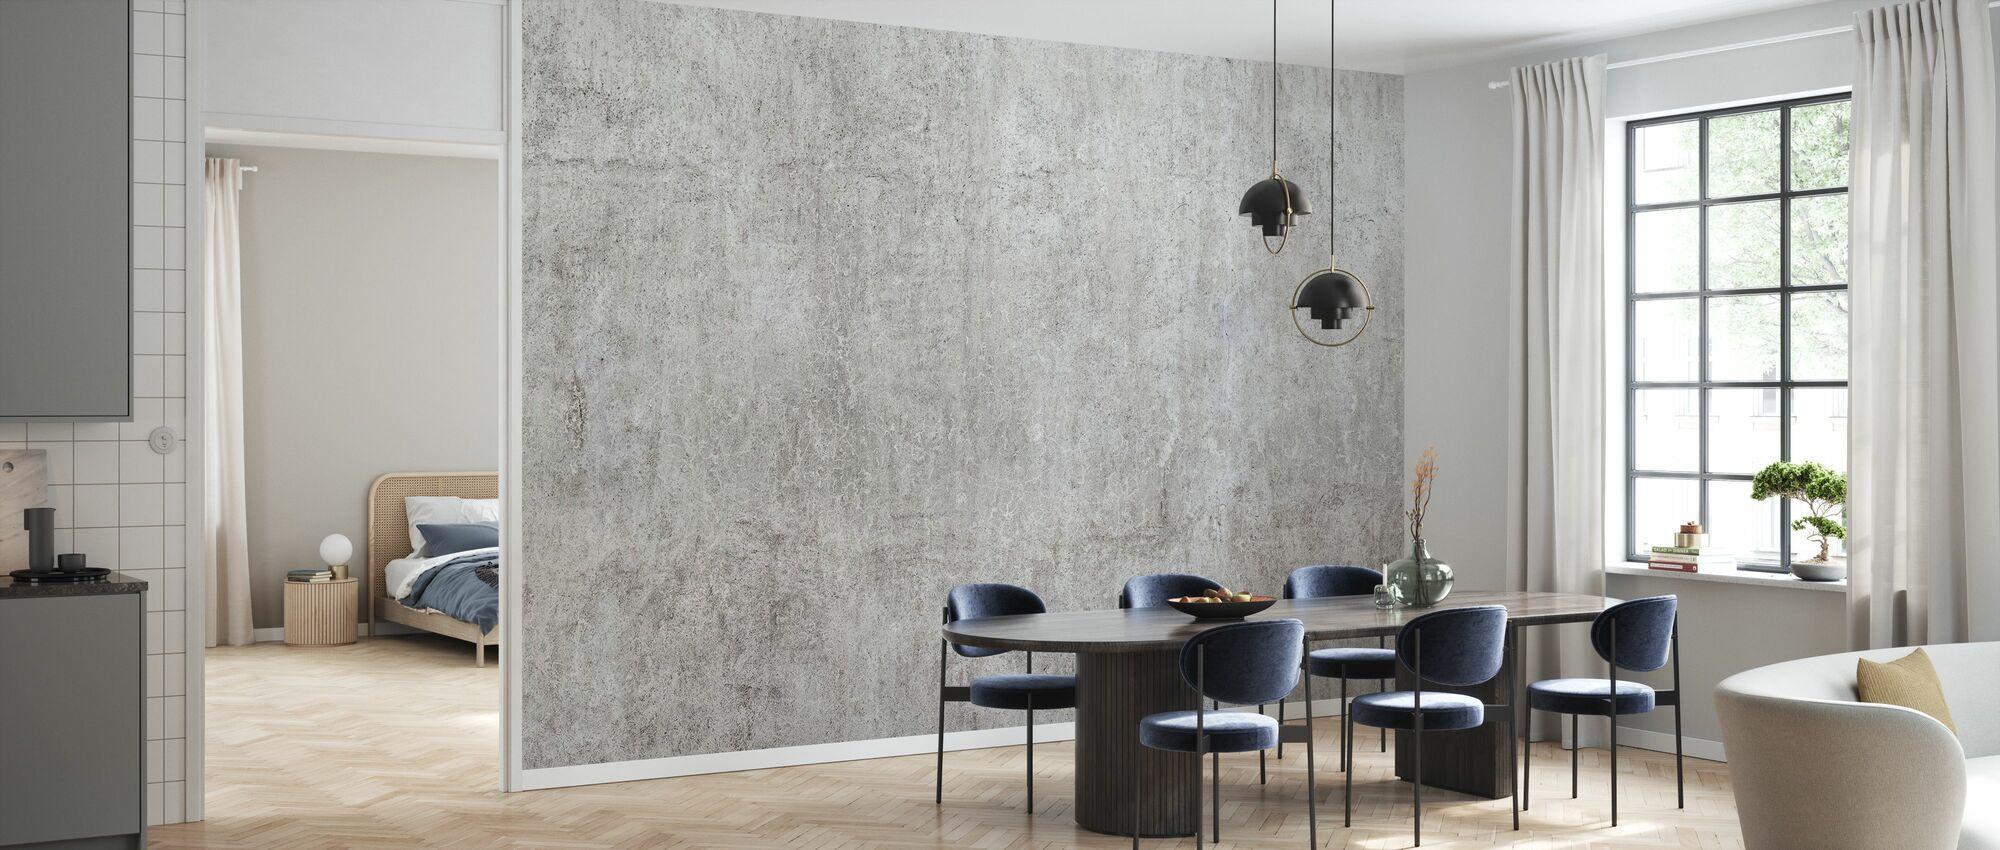 Industriell betongvägg - Tapet - Kök